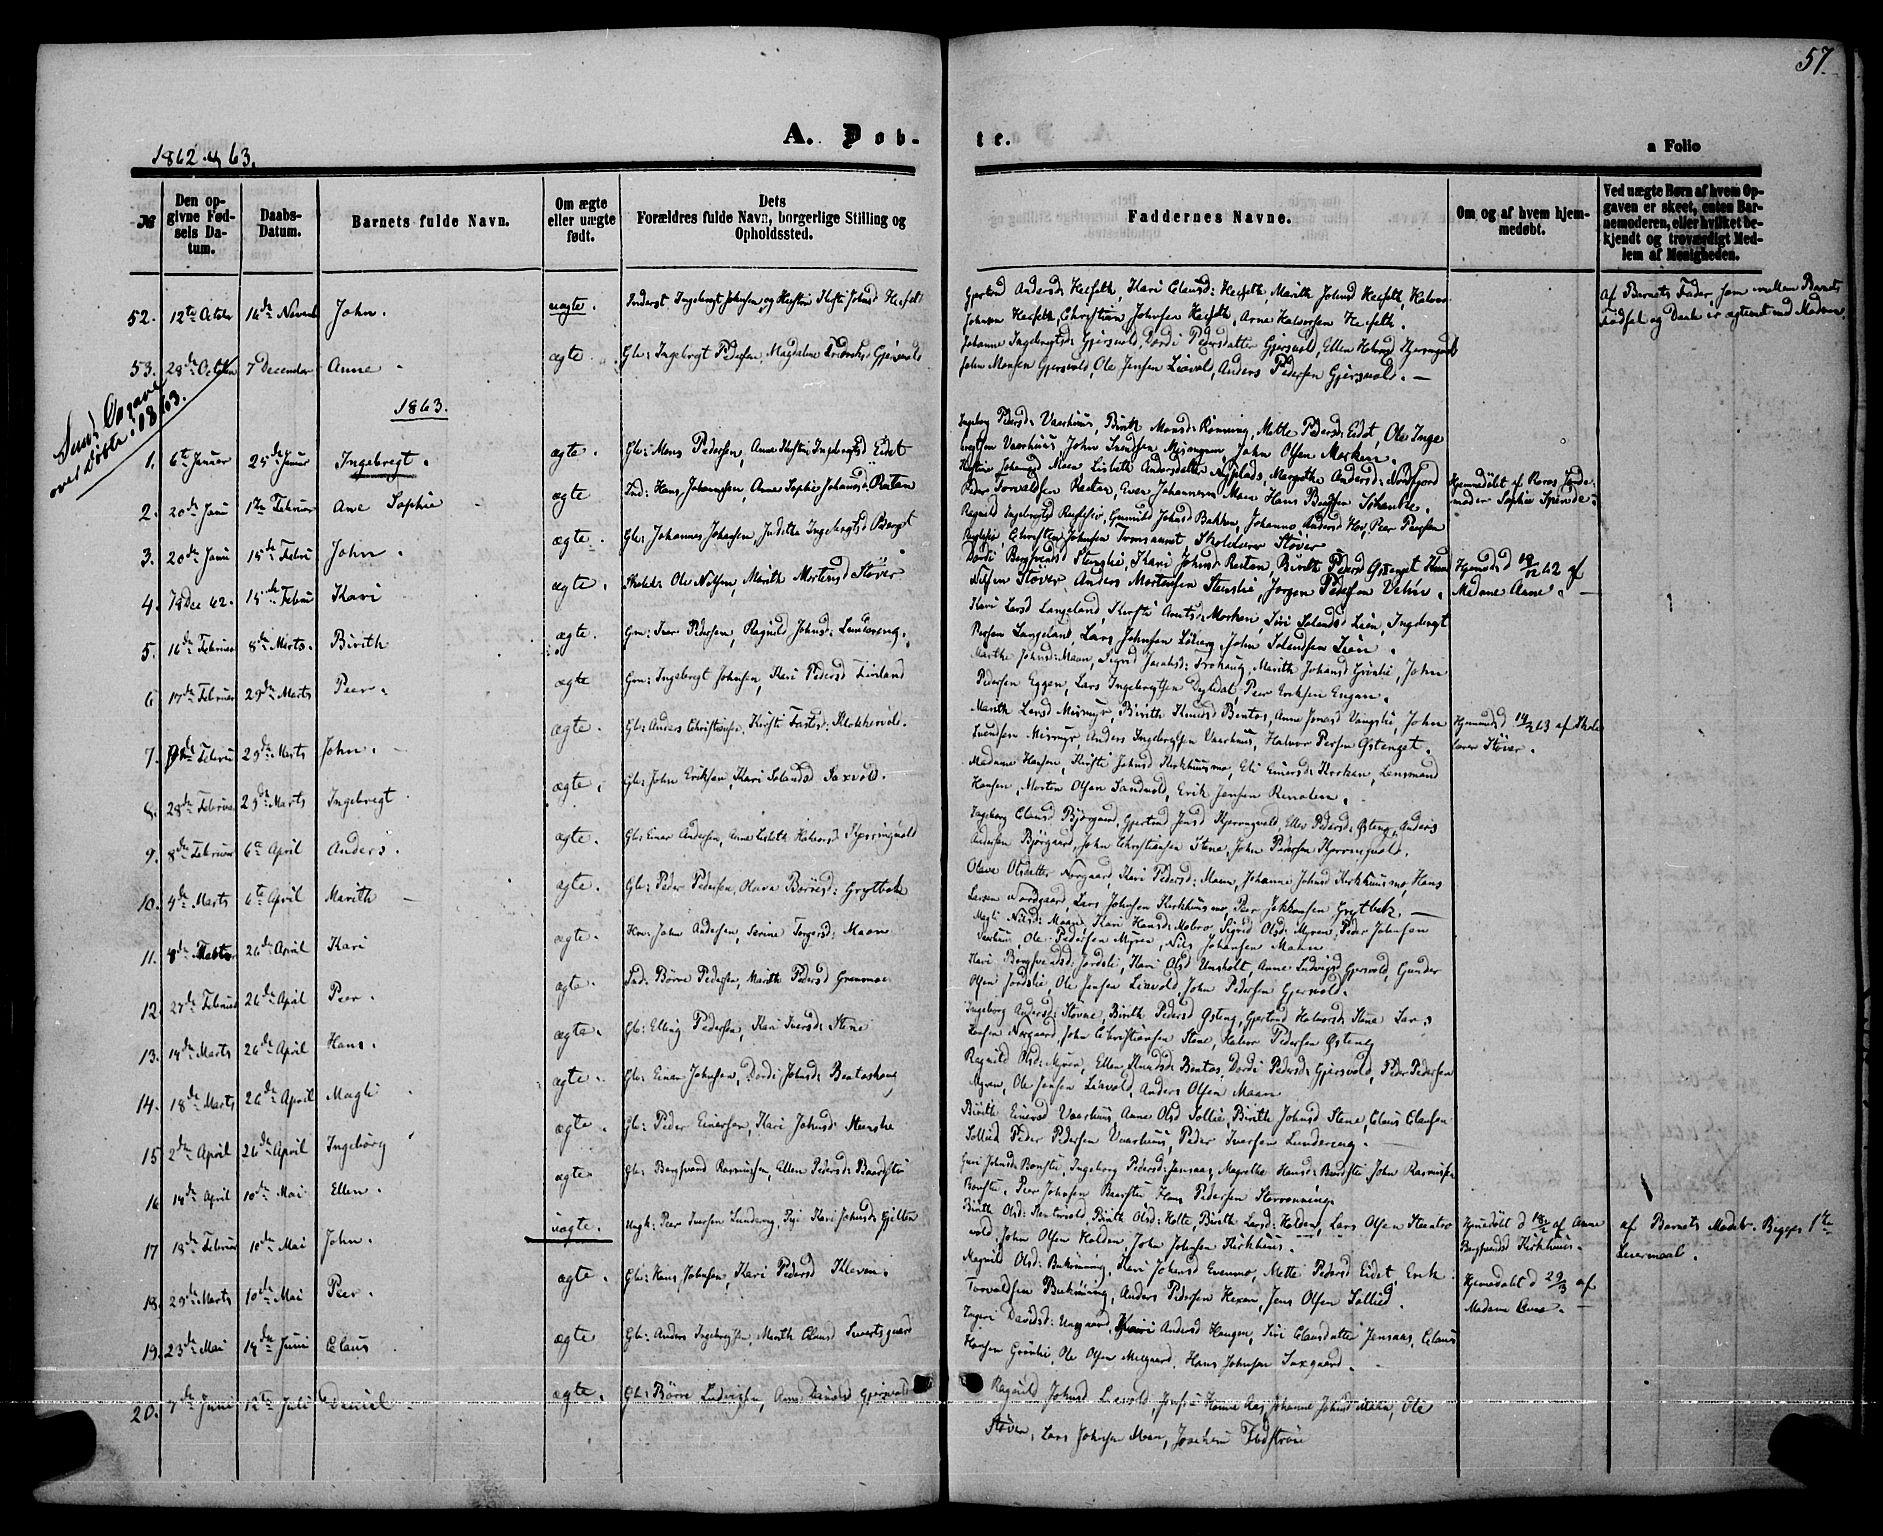 SAT, Ministerialprotokoller, klokkerbøker og fødselsregistre - Sør-Trøndelag, 685/L0968: Ministerialbok nr. 685A07 /3, 1860-1869, s. 57